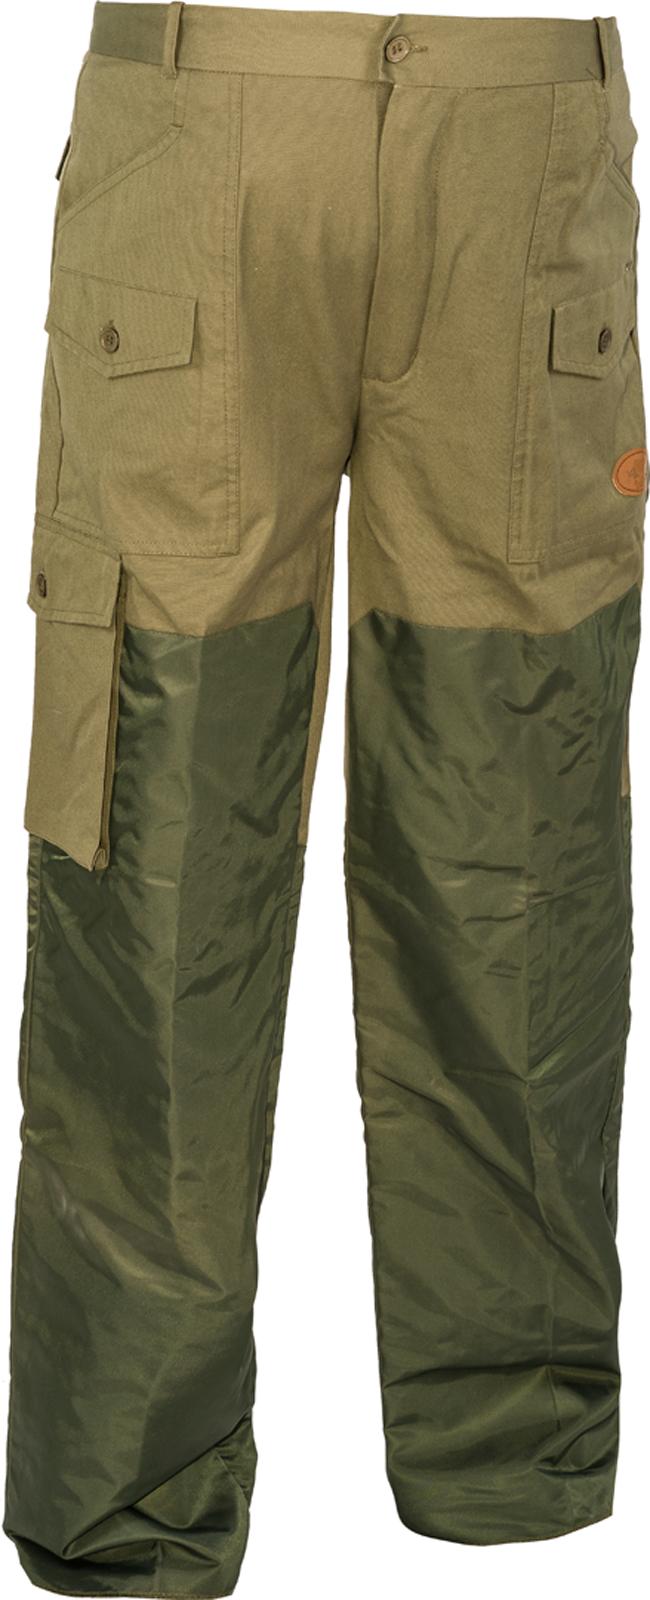 Pantalone fulpa pavone equipaggiamento abbigliamento - Diva pants recensioni ...